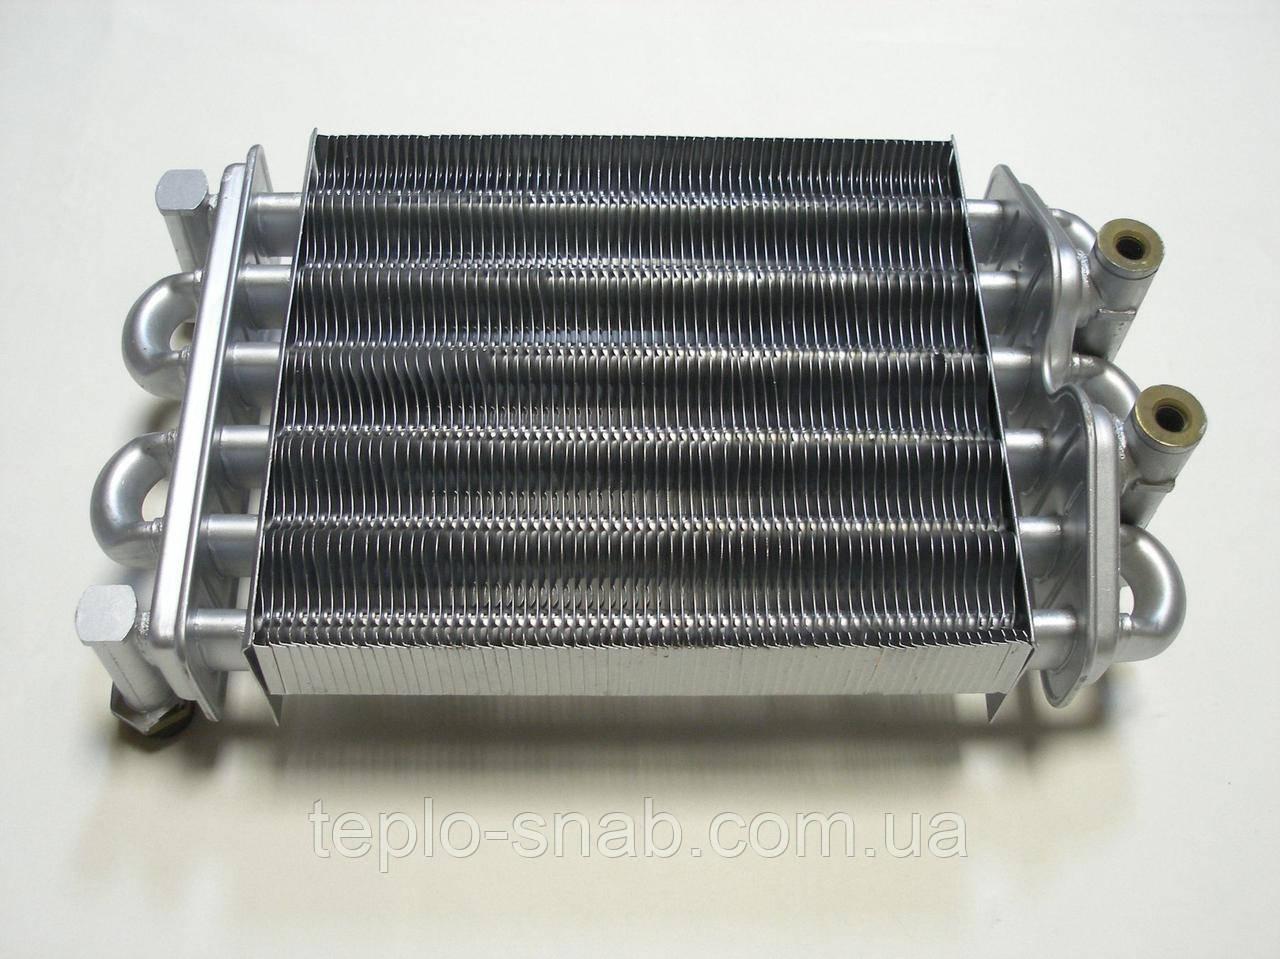 Теплообменник битермический Maxi Boilers 18 SE.